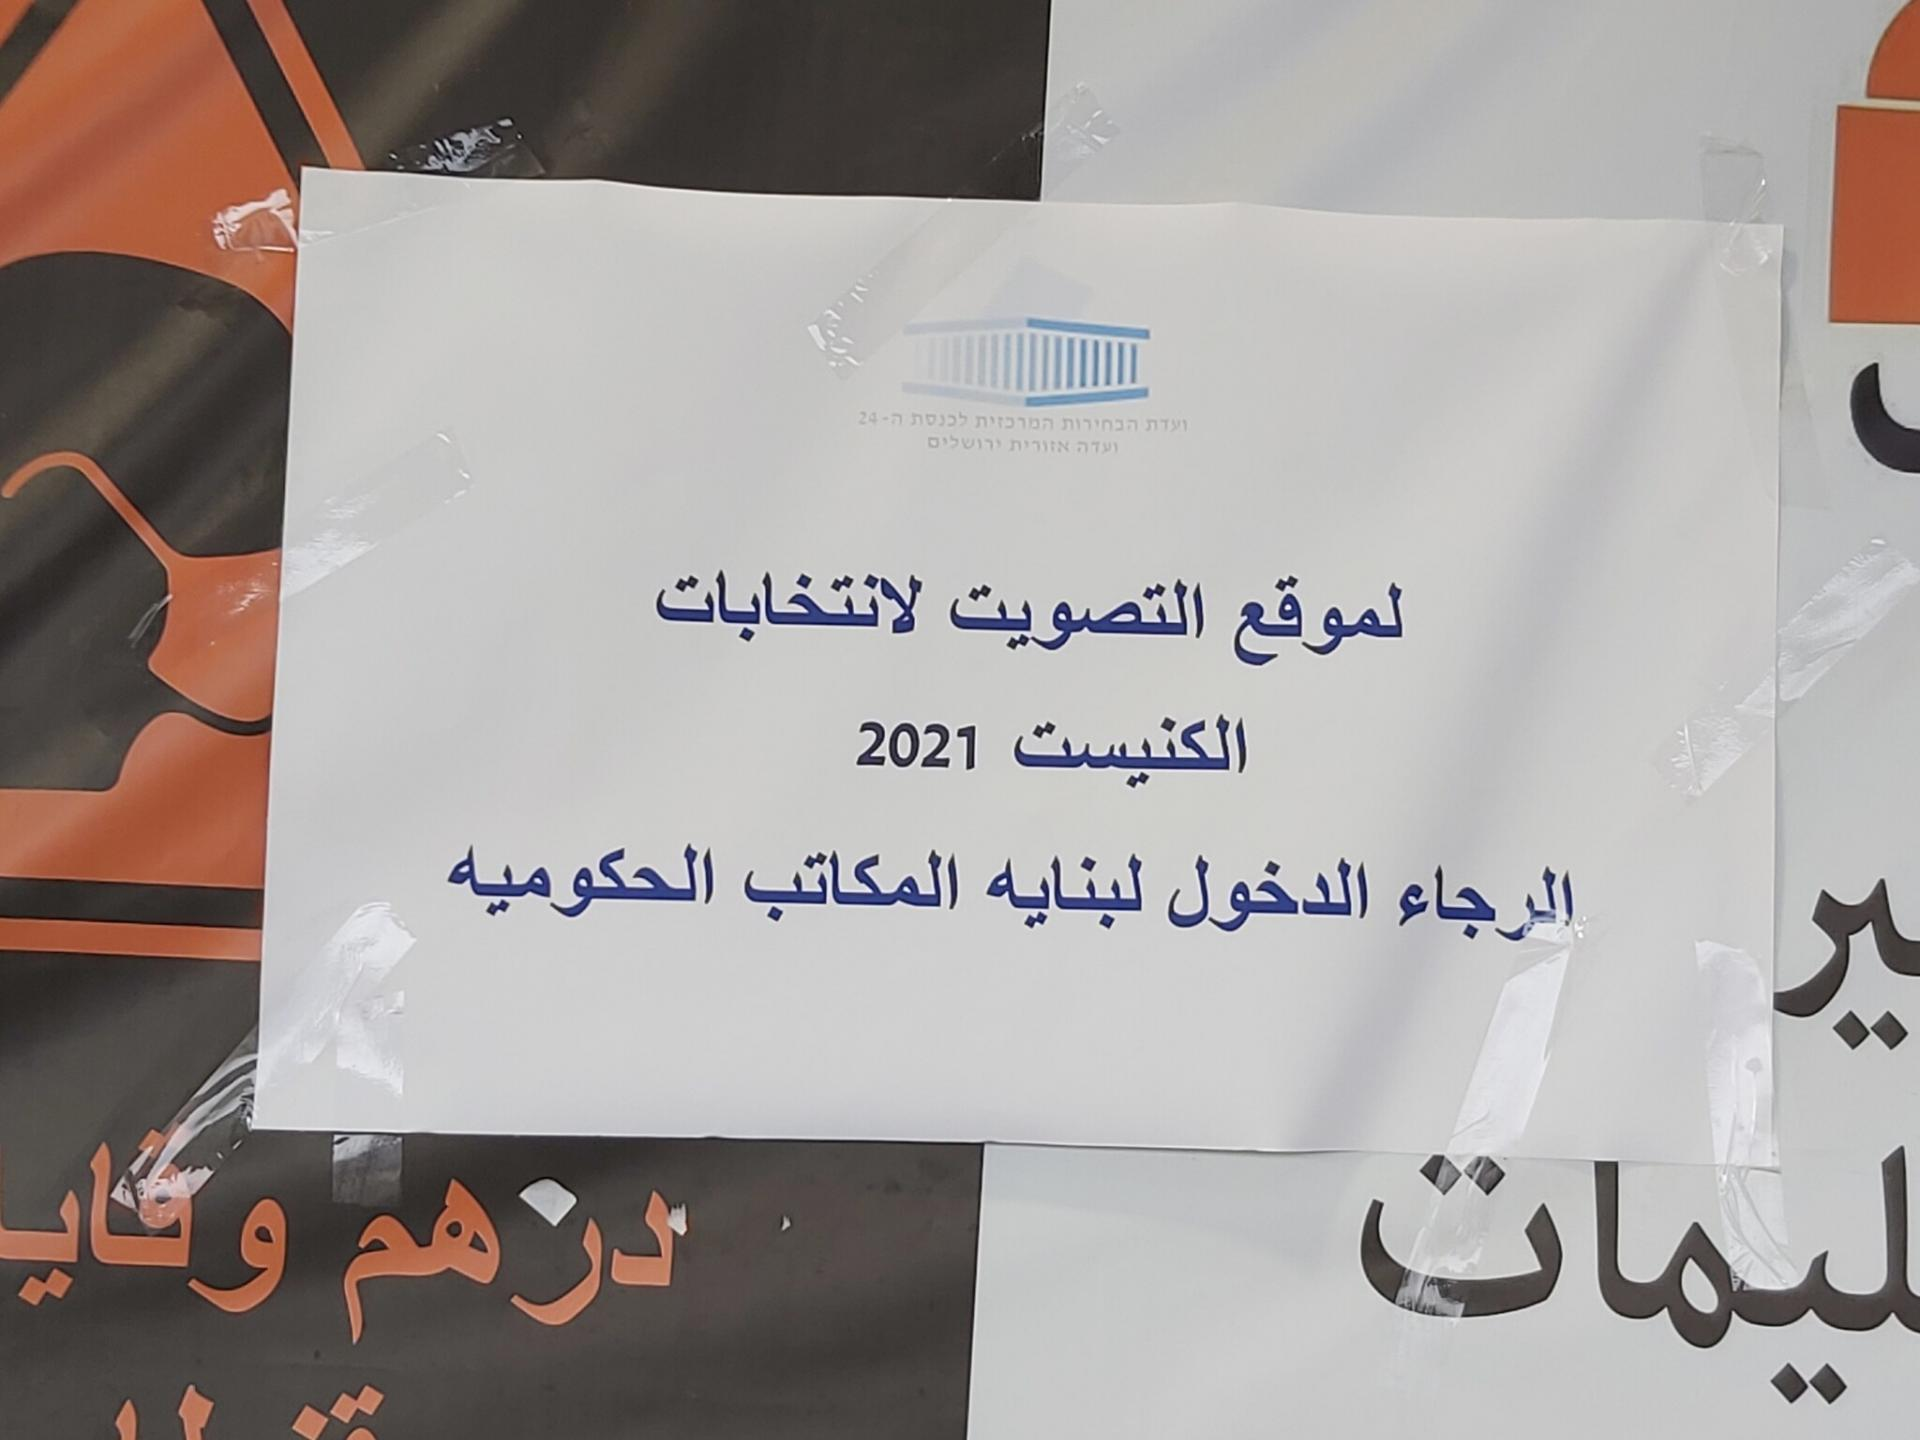 שלט נייר עליו כתוב: לאתר ההצבעה לבחירות/ הכנסת 2021/ אנא הכנס לבניין משרדי הממשלה